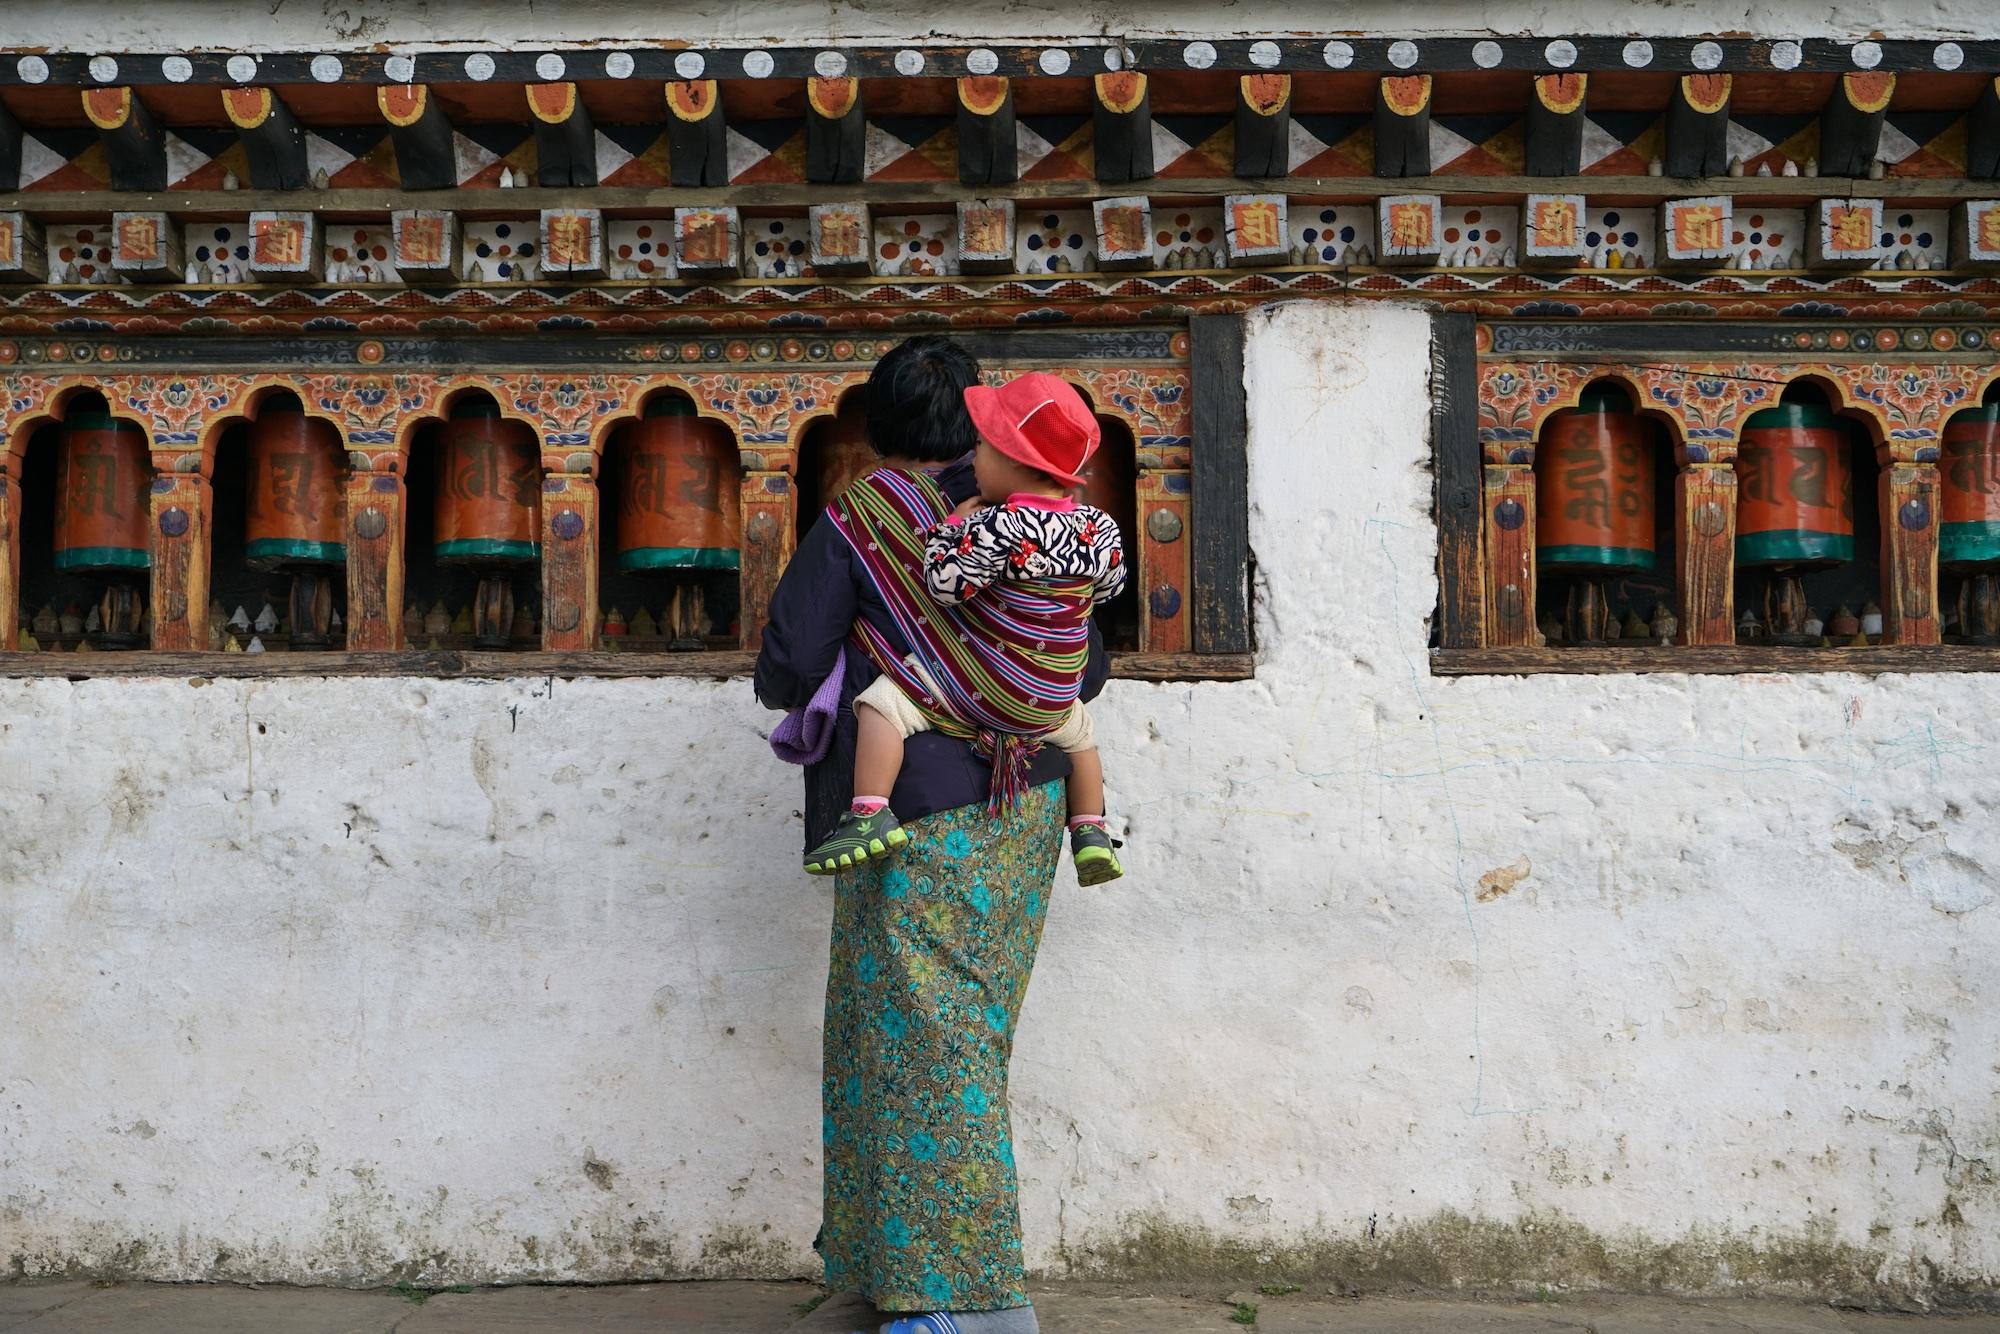 Bhutan-11-17-16- DSC03422.jpg